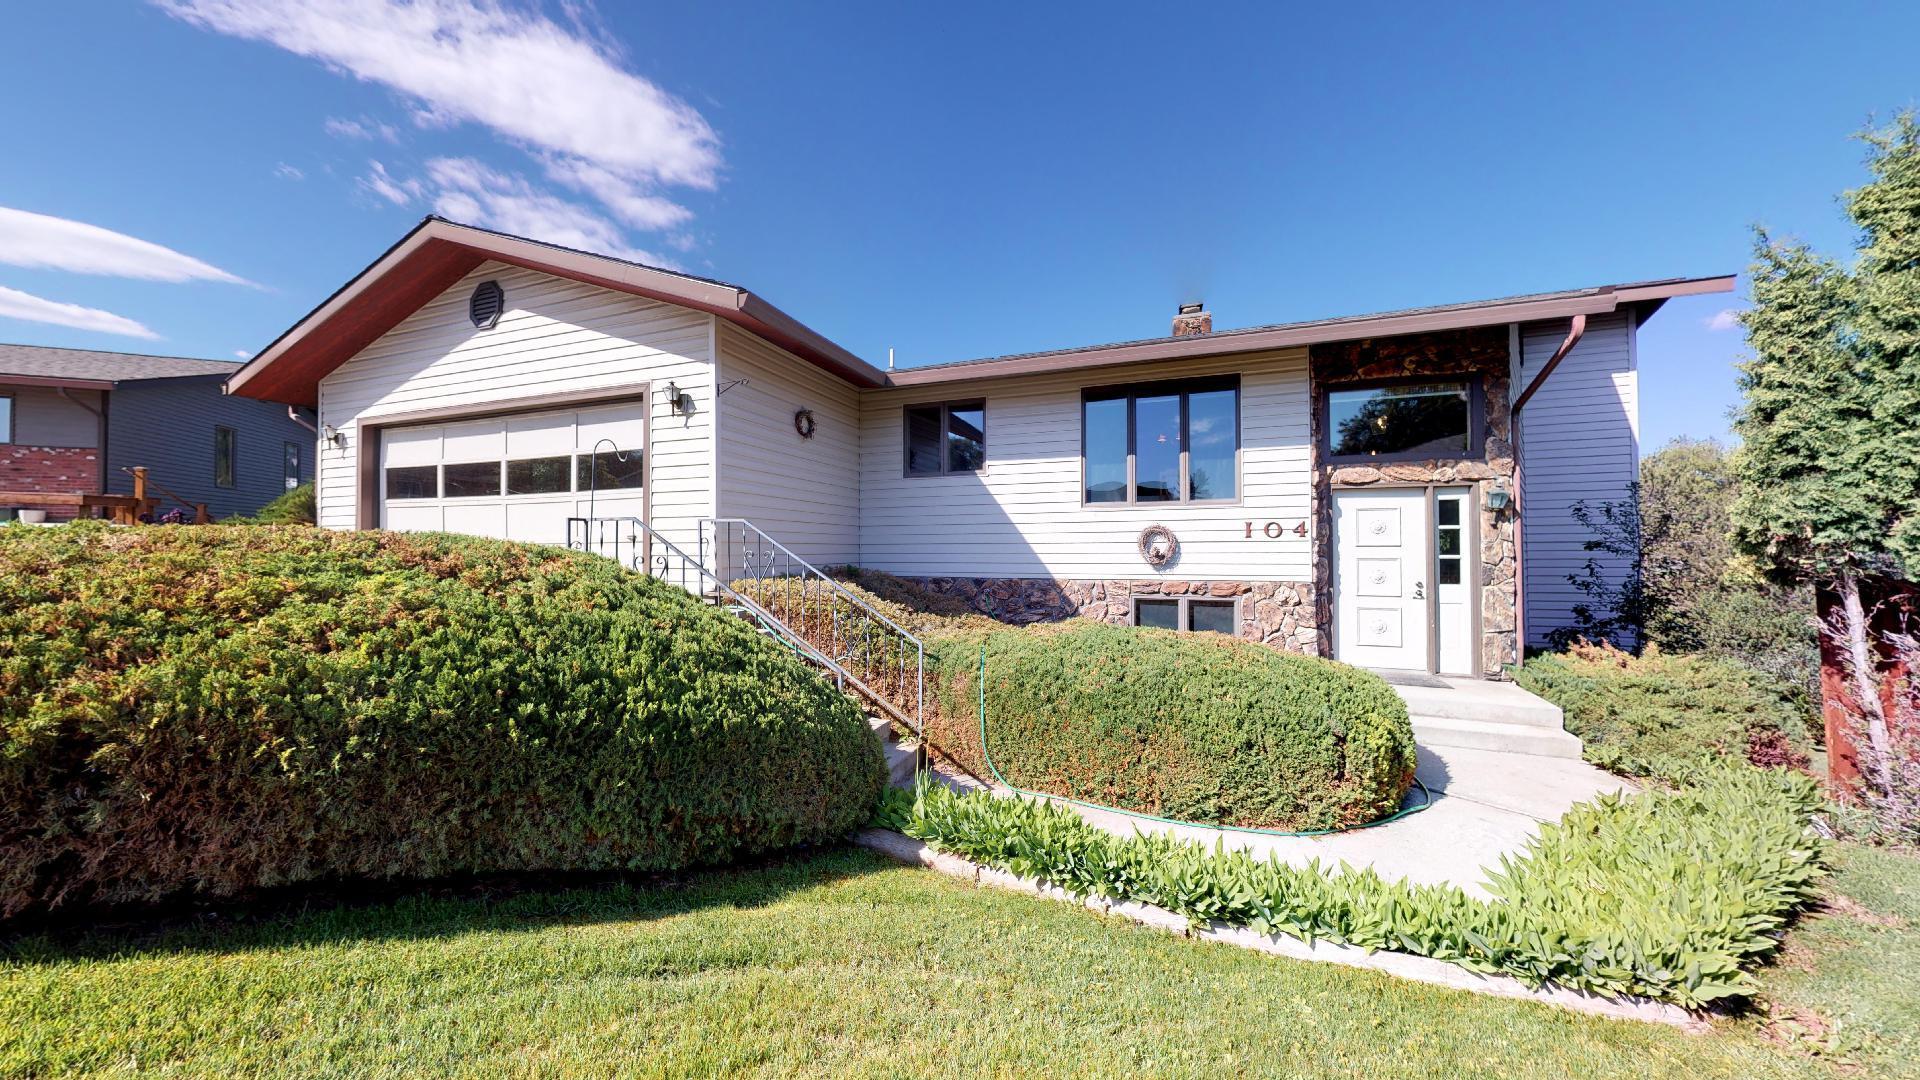 104 Pinehurst Court, Missoula, MT 59803